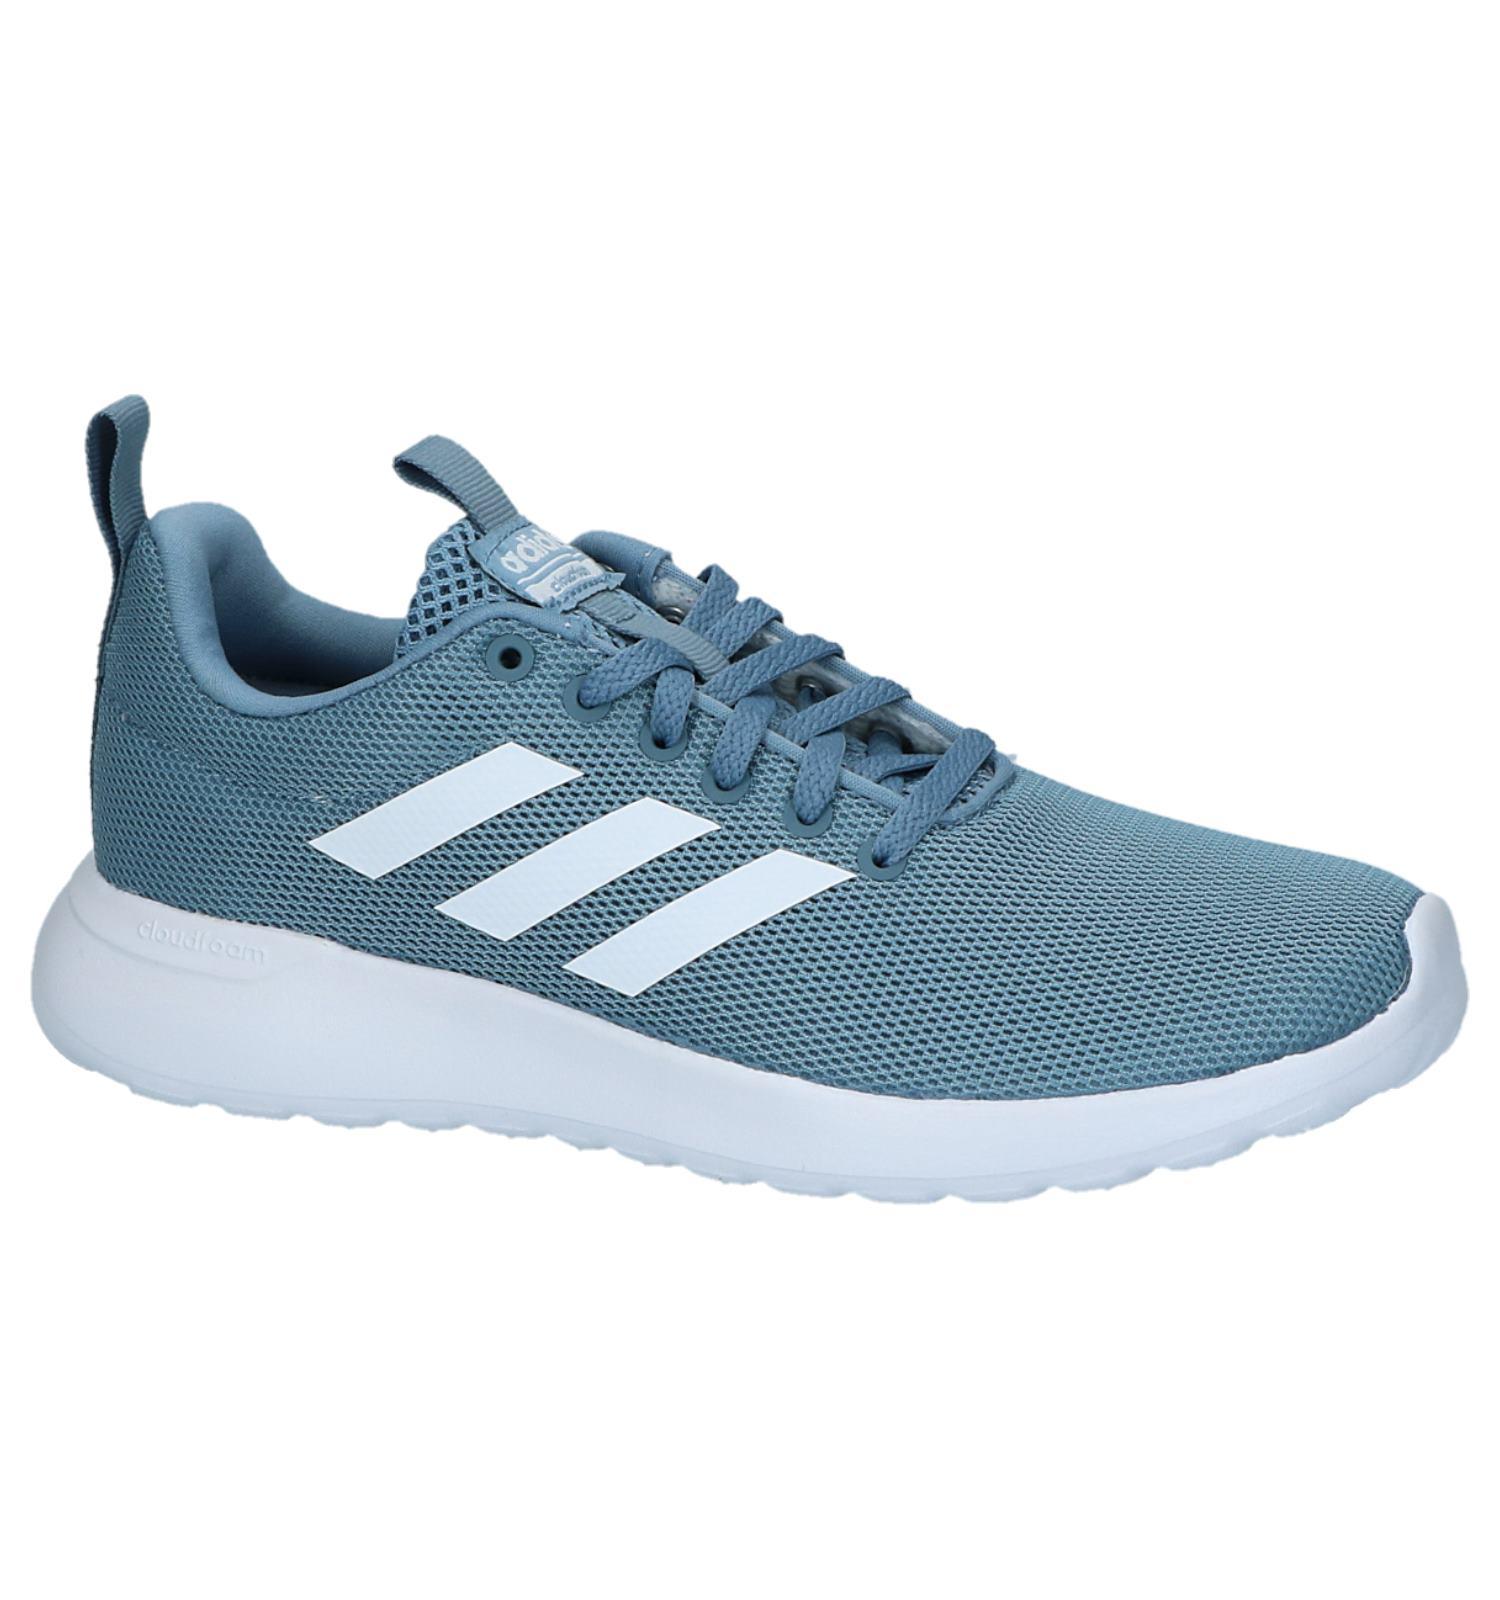 licht blauwe adidas schoenen